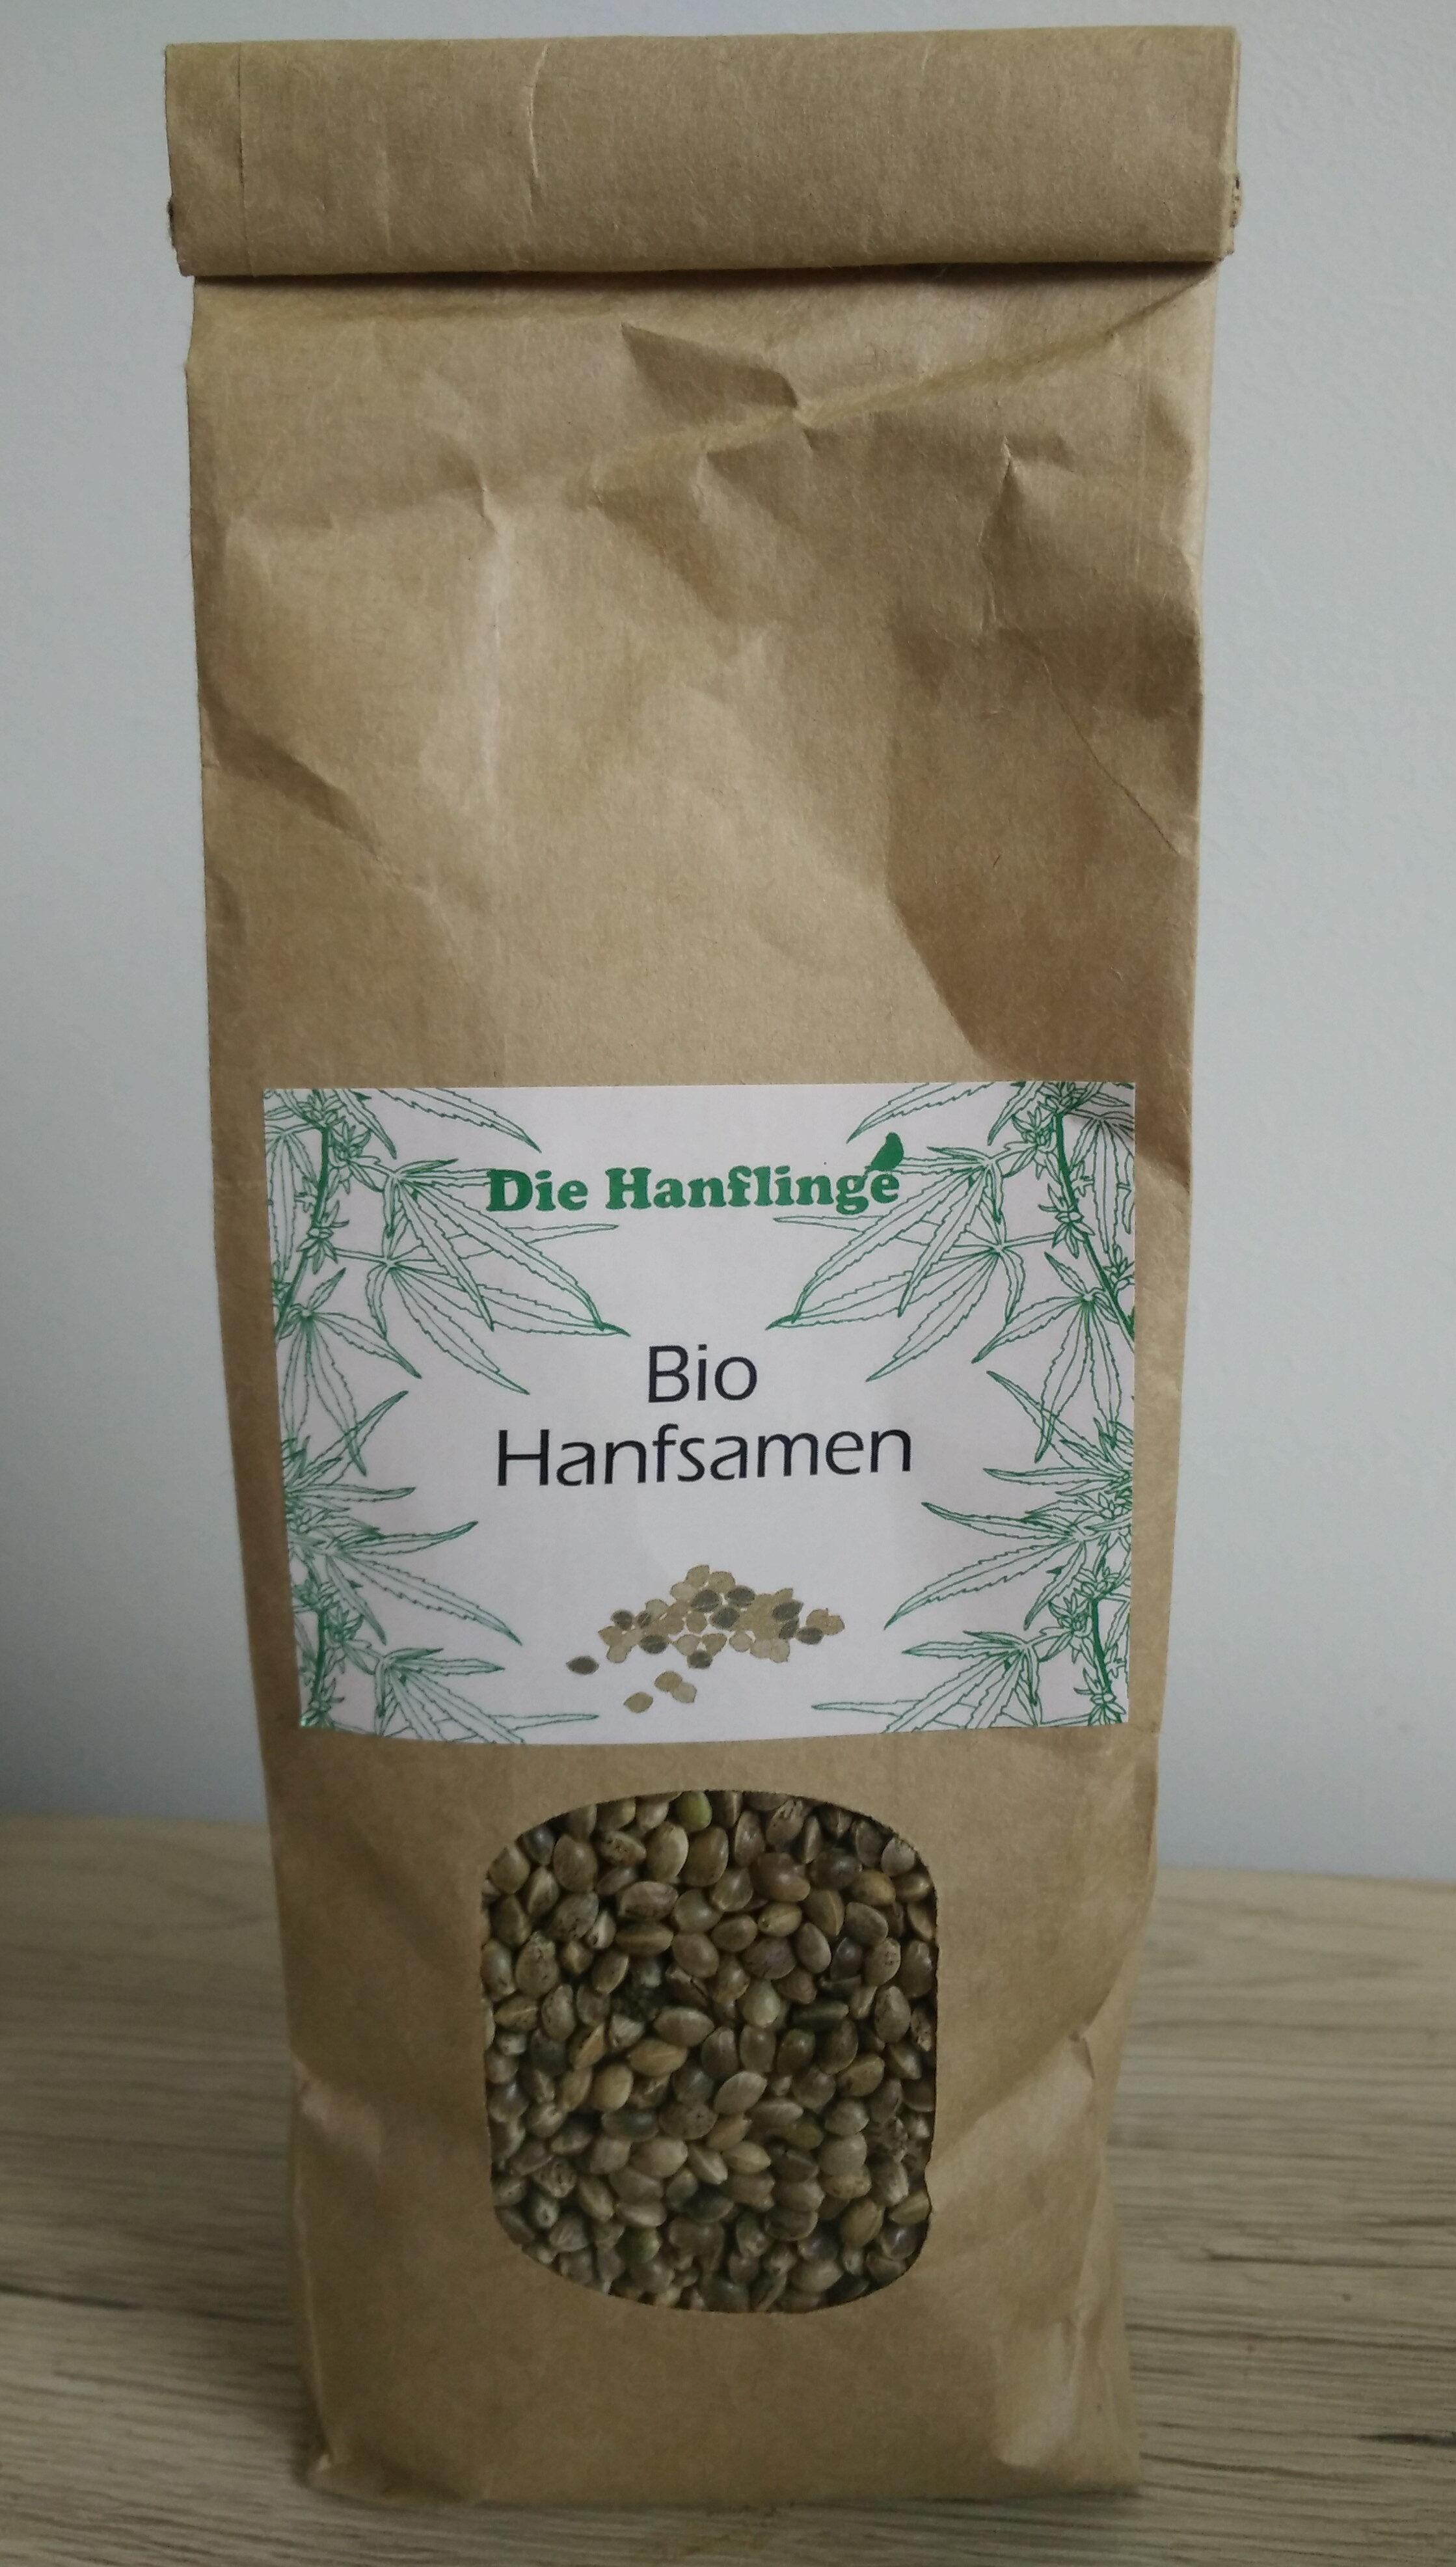 Bio Hanfsamen - Produit - de